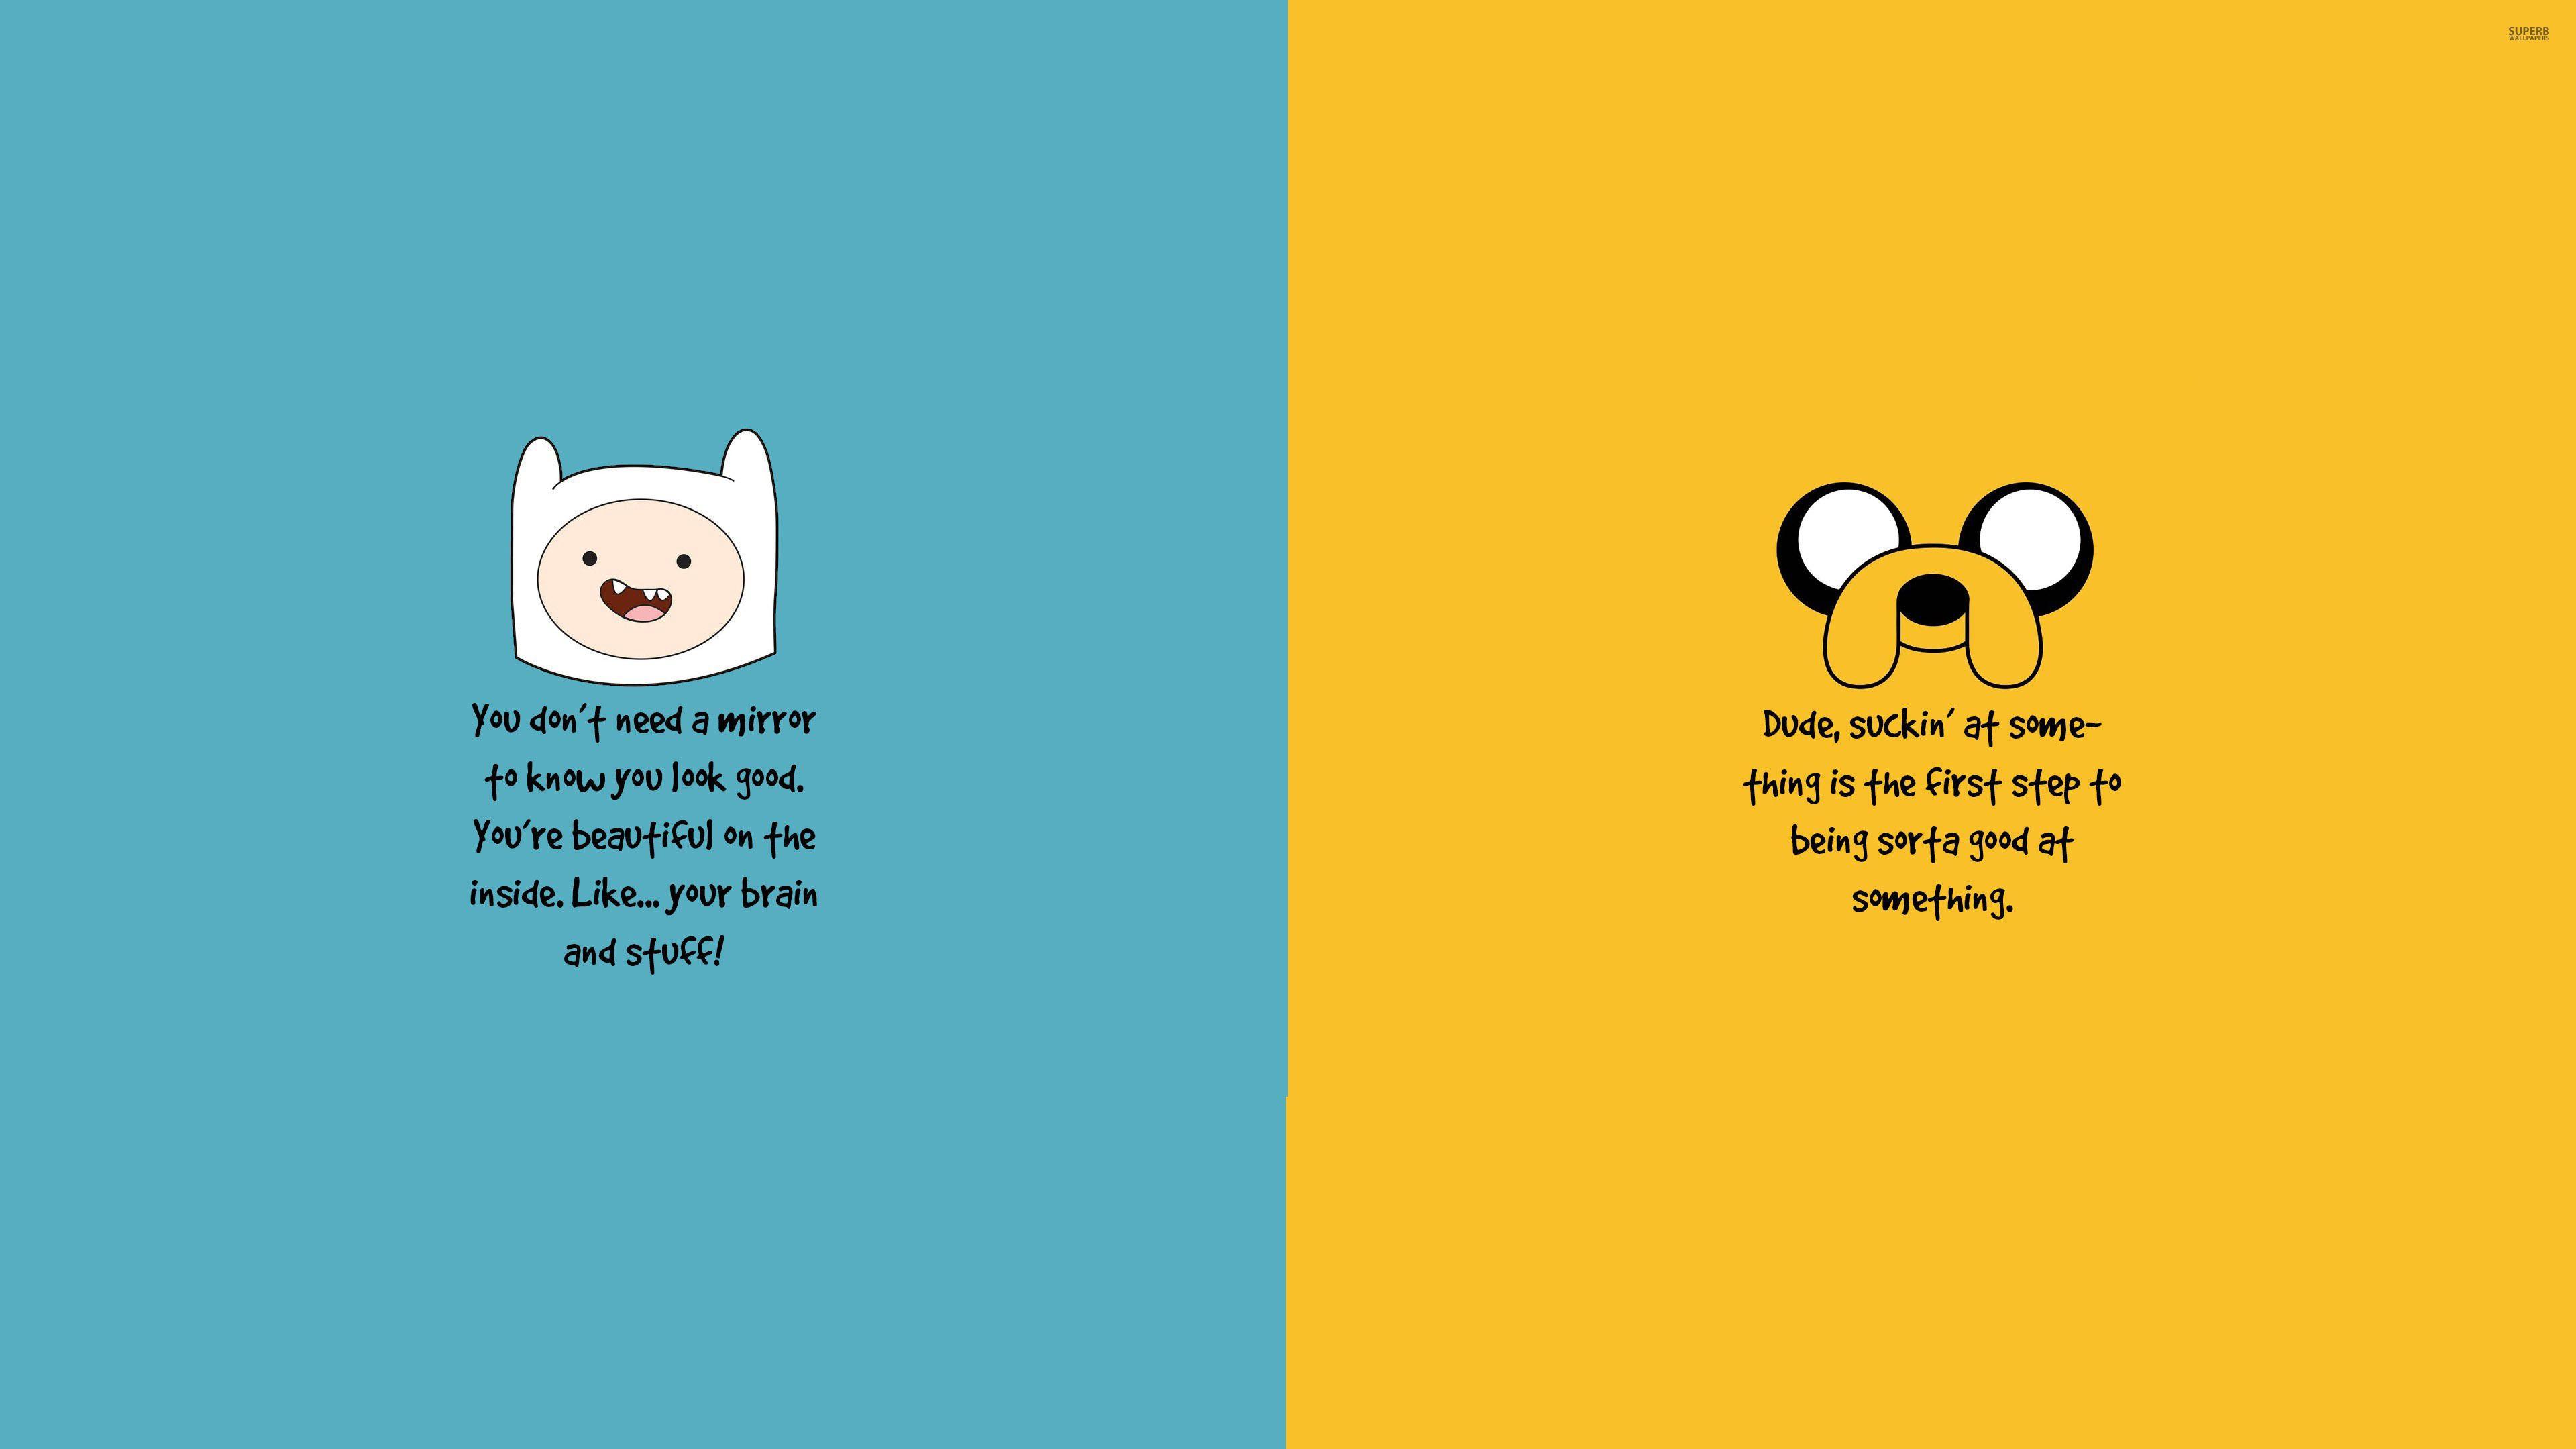 Adventure Time Quotes Quotesgram Adventure Time Quotes Adventure Time Wallpaper New Adventure Quotes